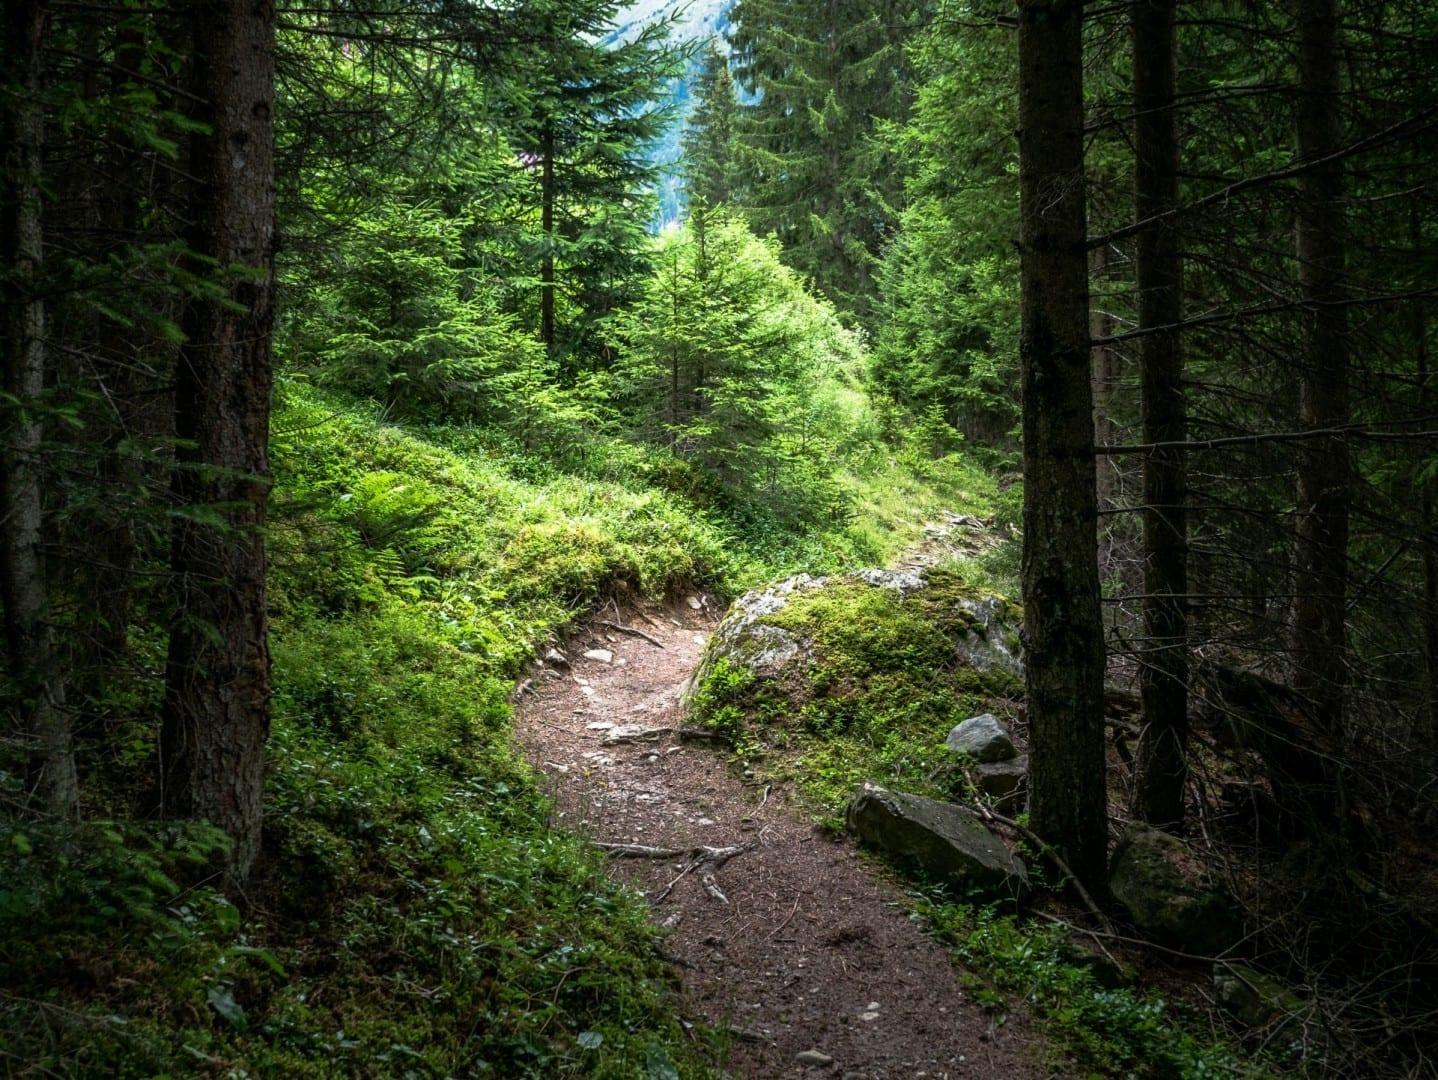 Caminando por uno de los senderos alpinos marcados Ischgl Austria